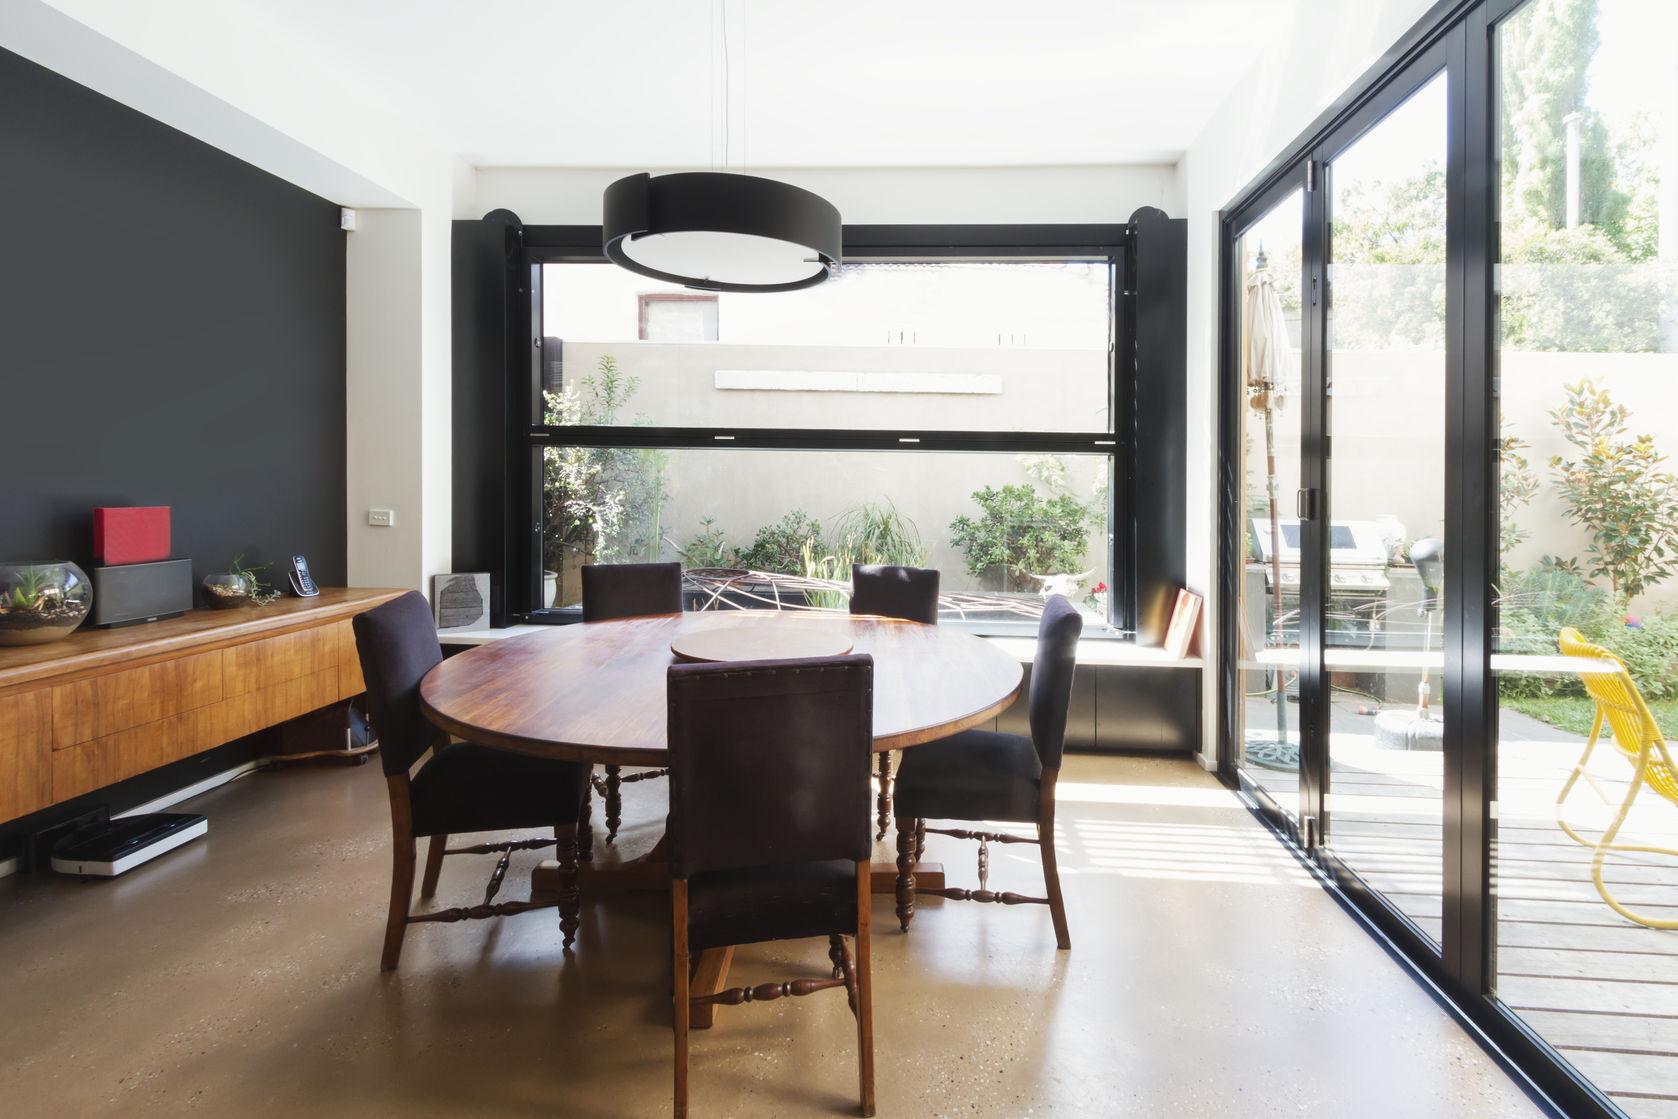 Besoin de pousser les murs et d'agrandir votre maison ?      Recevez des devis de maîtres ŒUVRE & Architectes sous 48h !